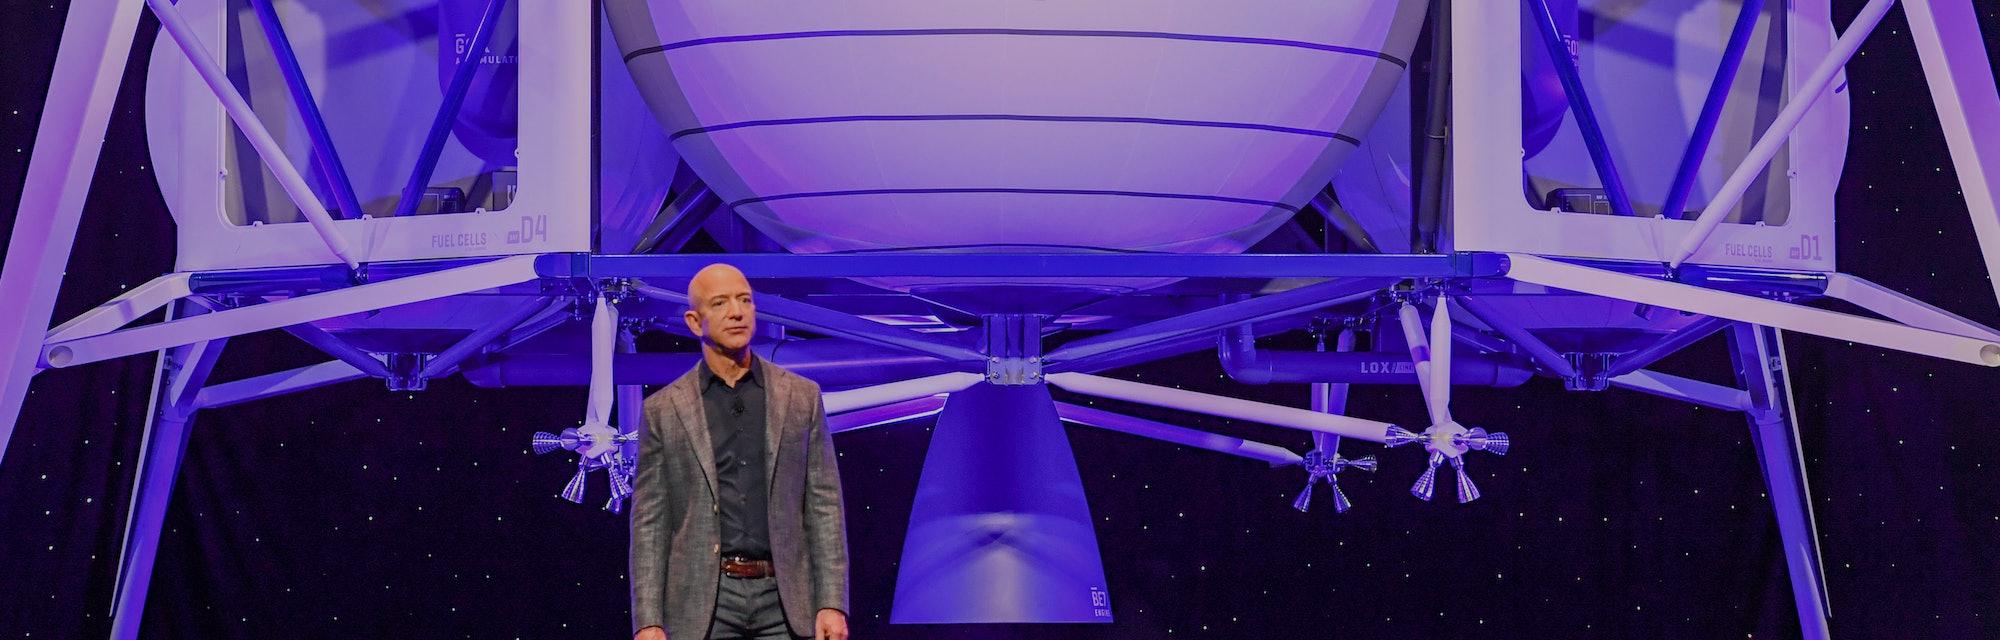 WASHINGTON, DC - MAY 9:  Jeff Bezos, founder of Amazon, Blue Origin and owner of The Washington Post...